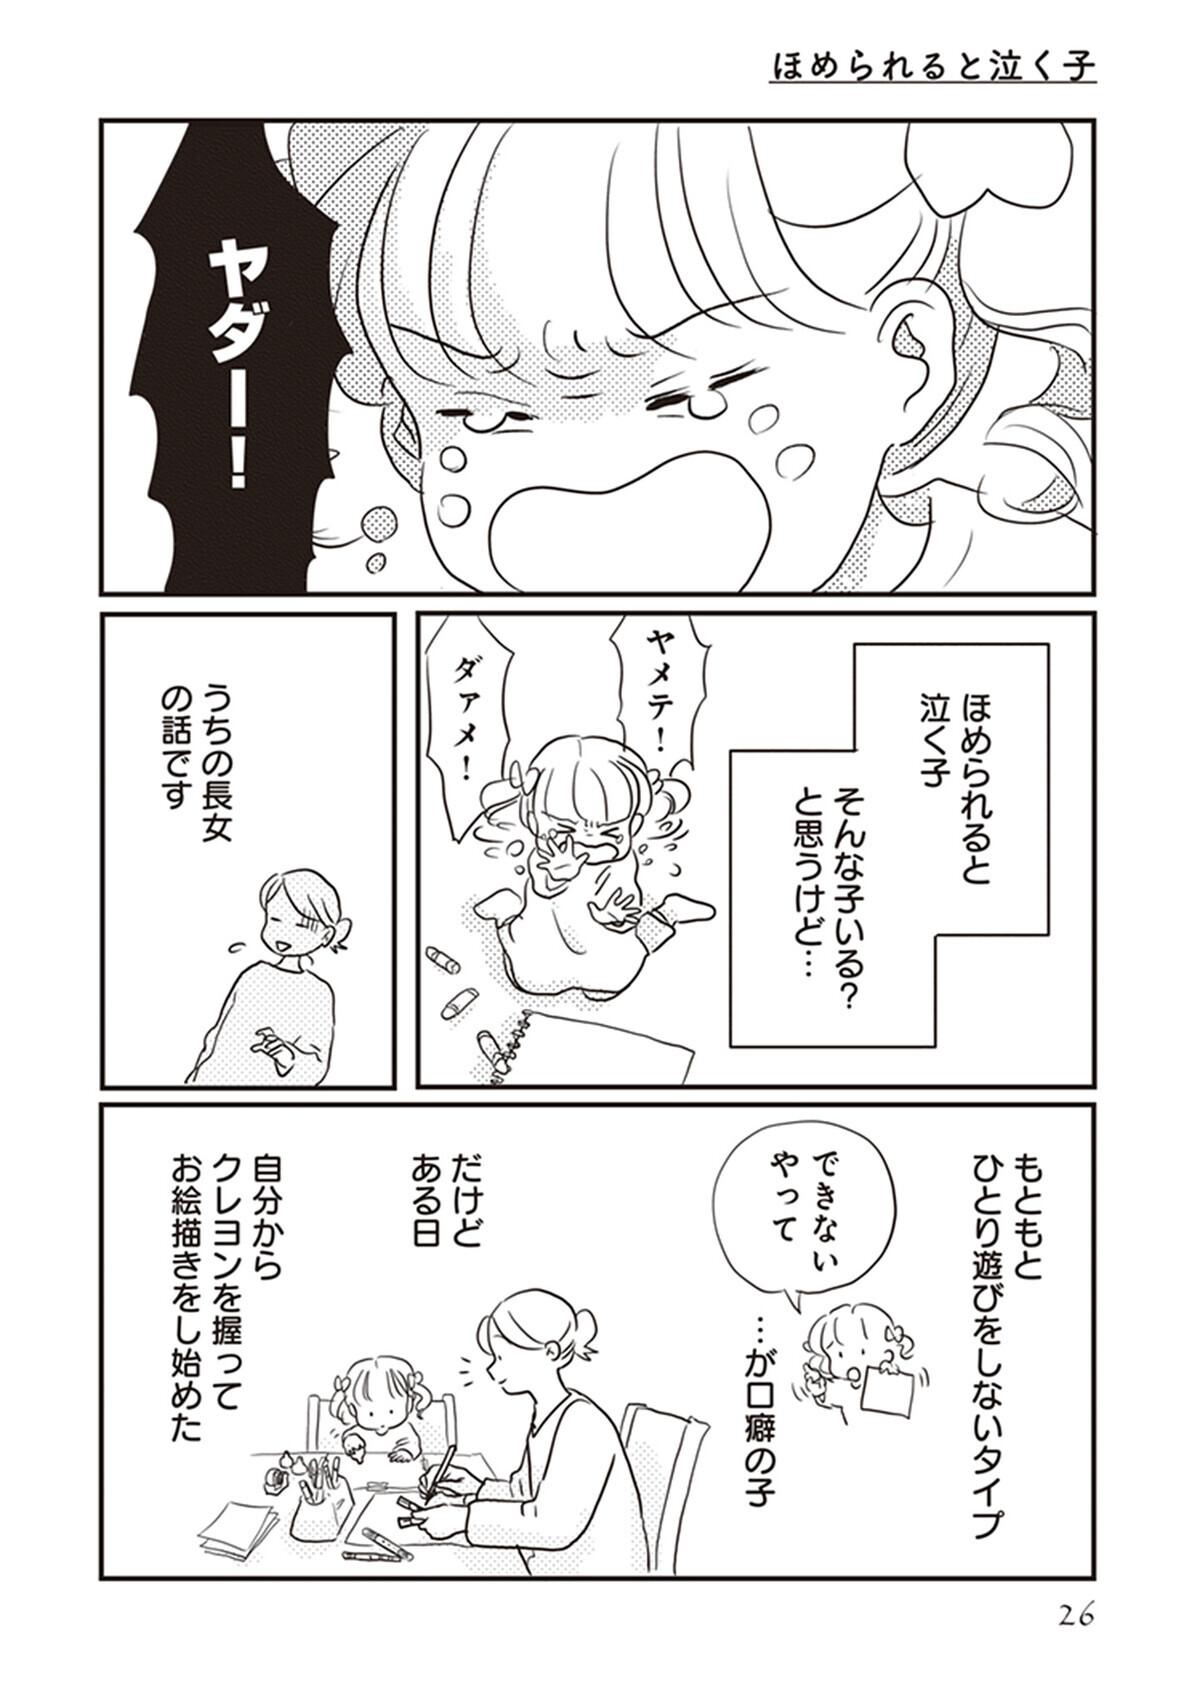 褒められると泣く子の「ほめルール」 どう伝えればいい?(前編)【「どんなときでも味方だよ」って伝えたい!  Vol.1】